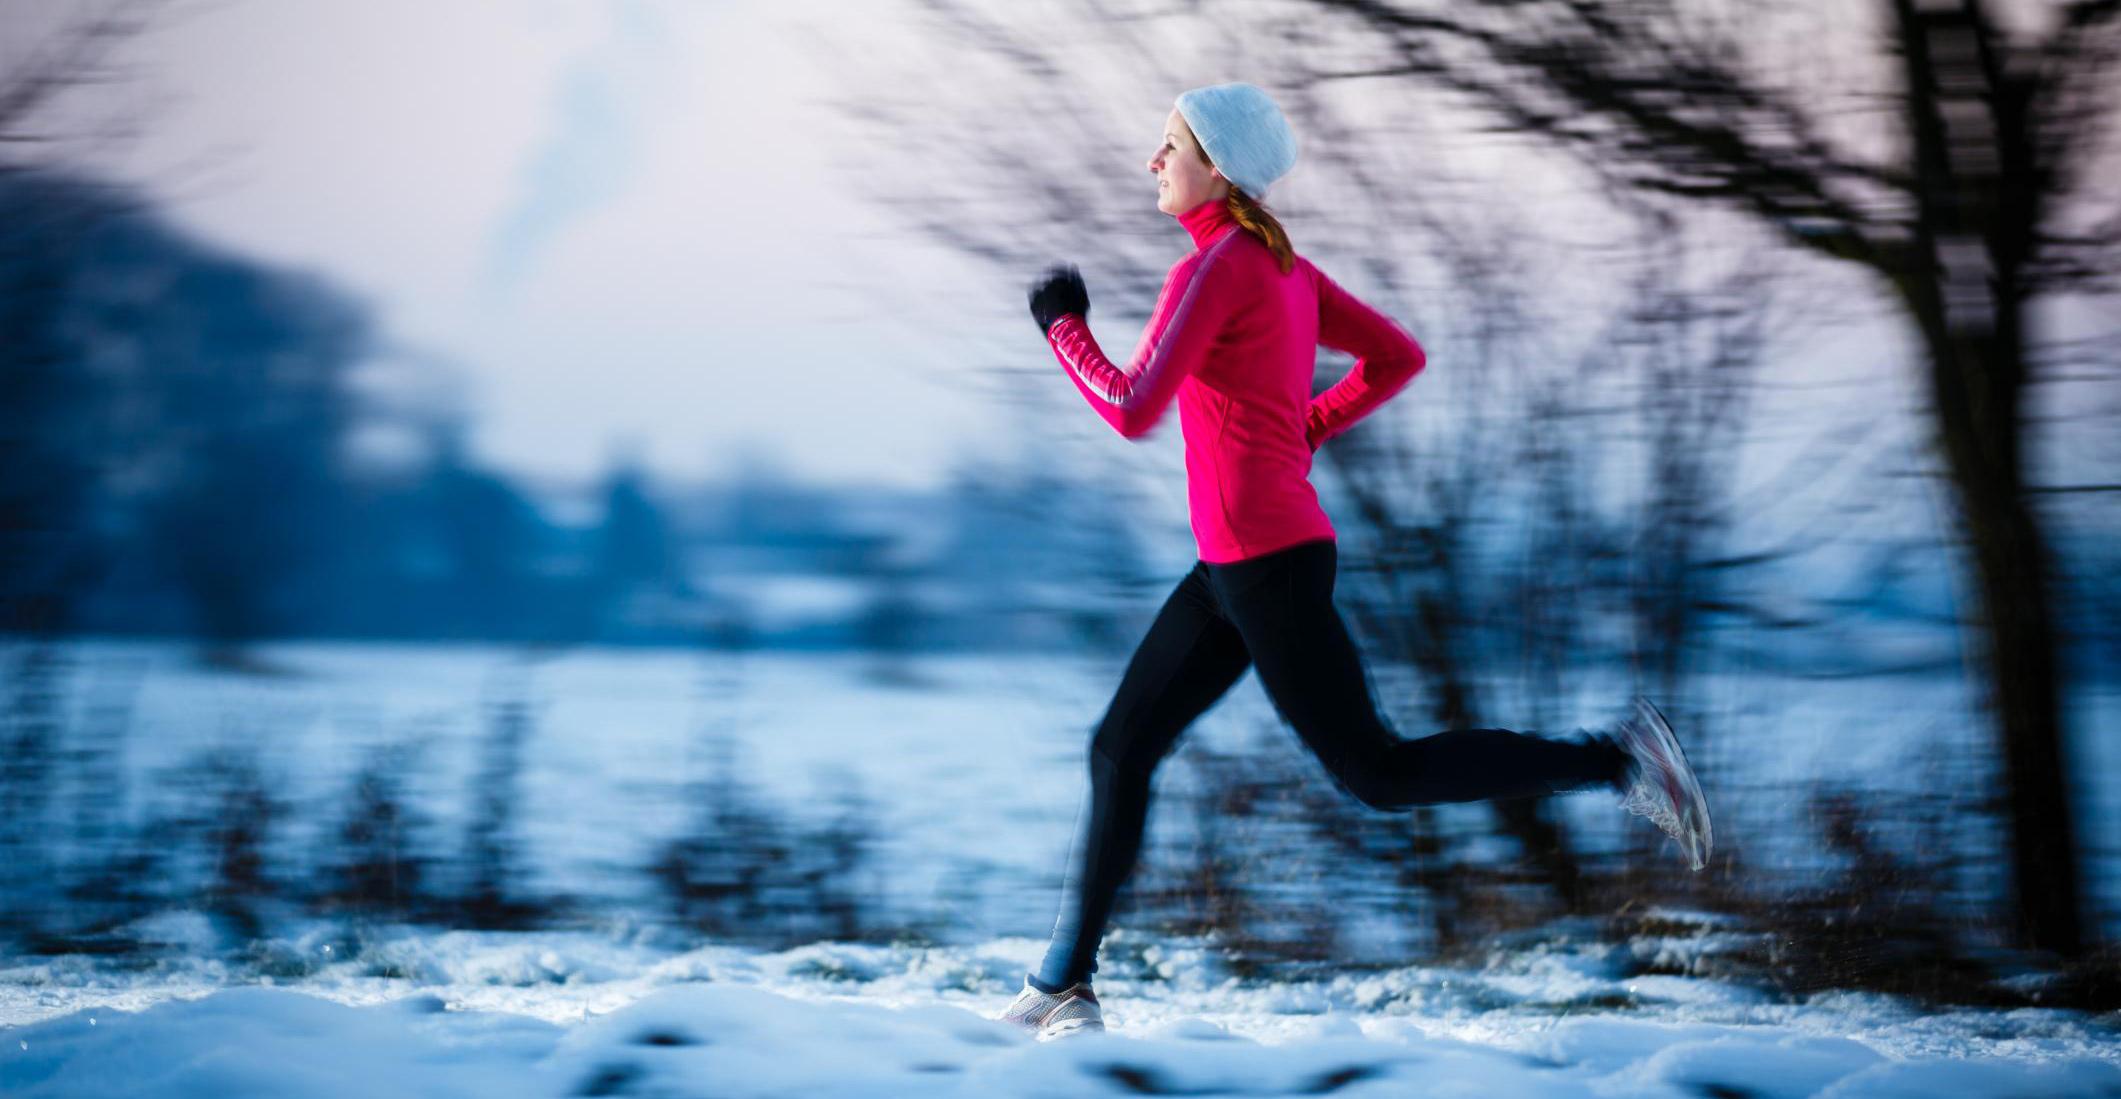 Bilde av kvinne som løper om vinteren, Foto: Yay, Victor Cap